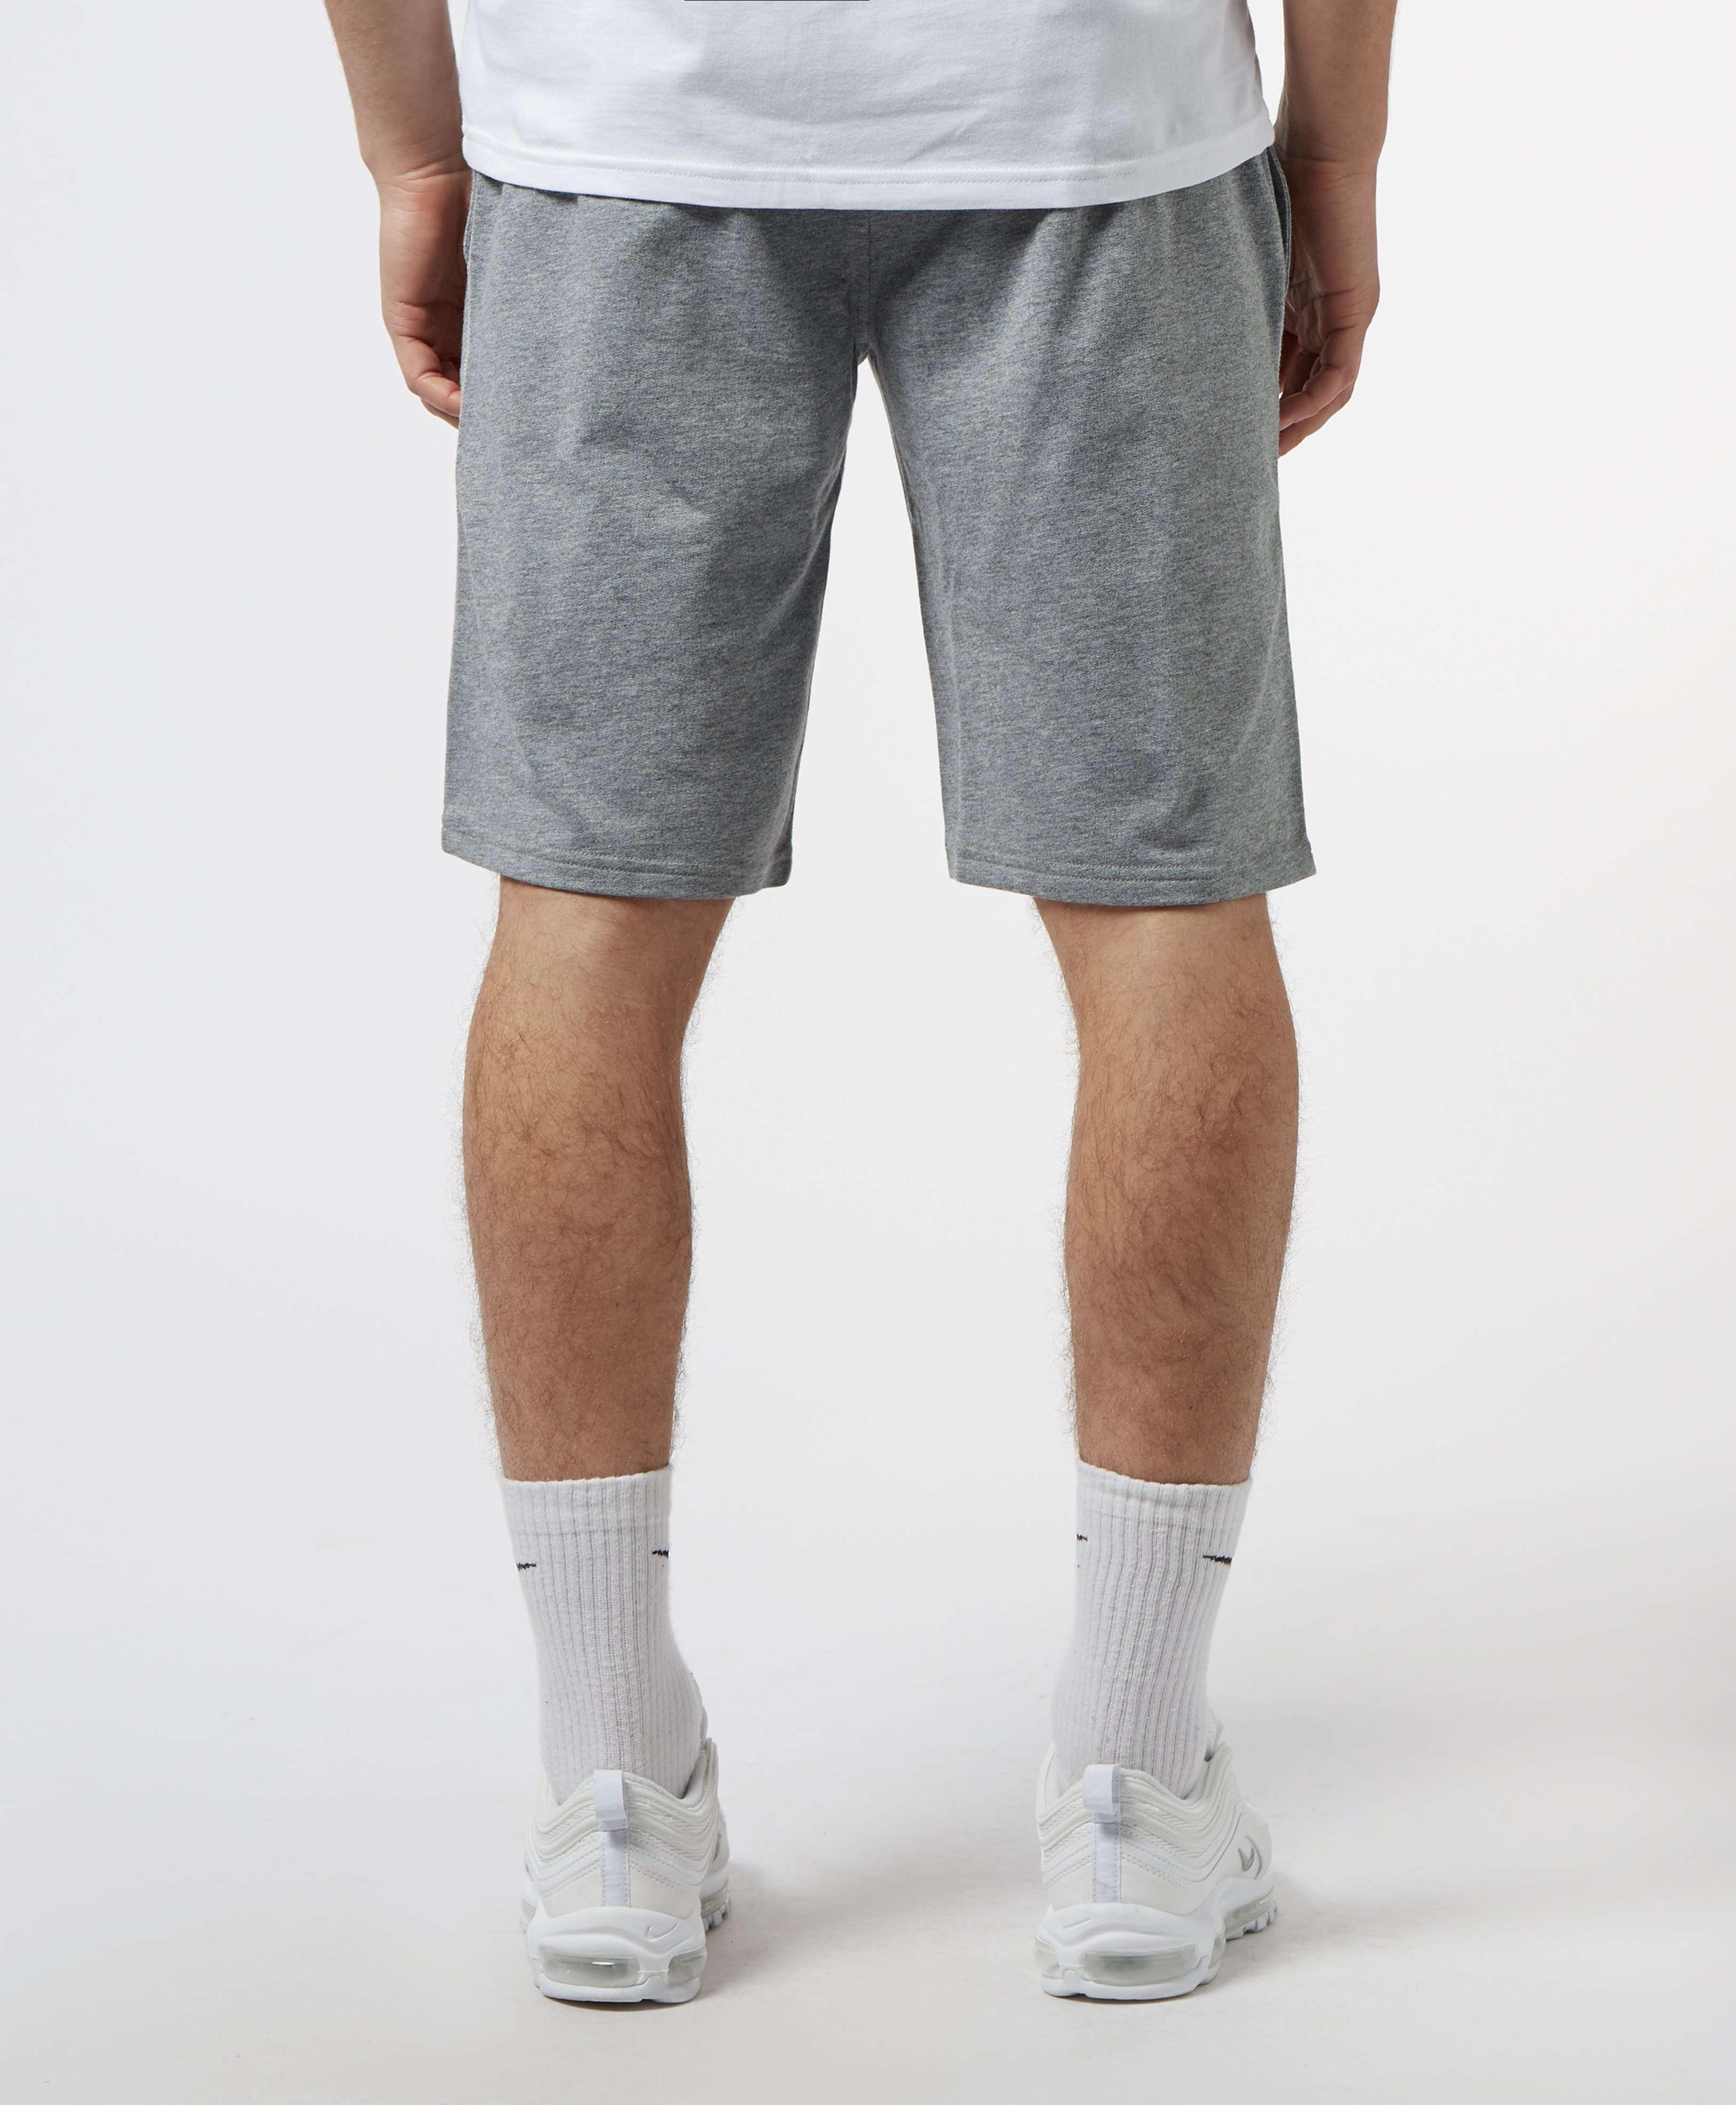 Polo Ralph Lauren Underwear Jersey Shorts